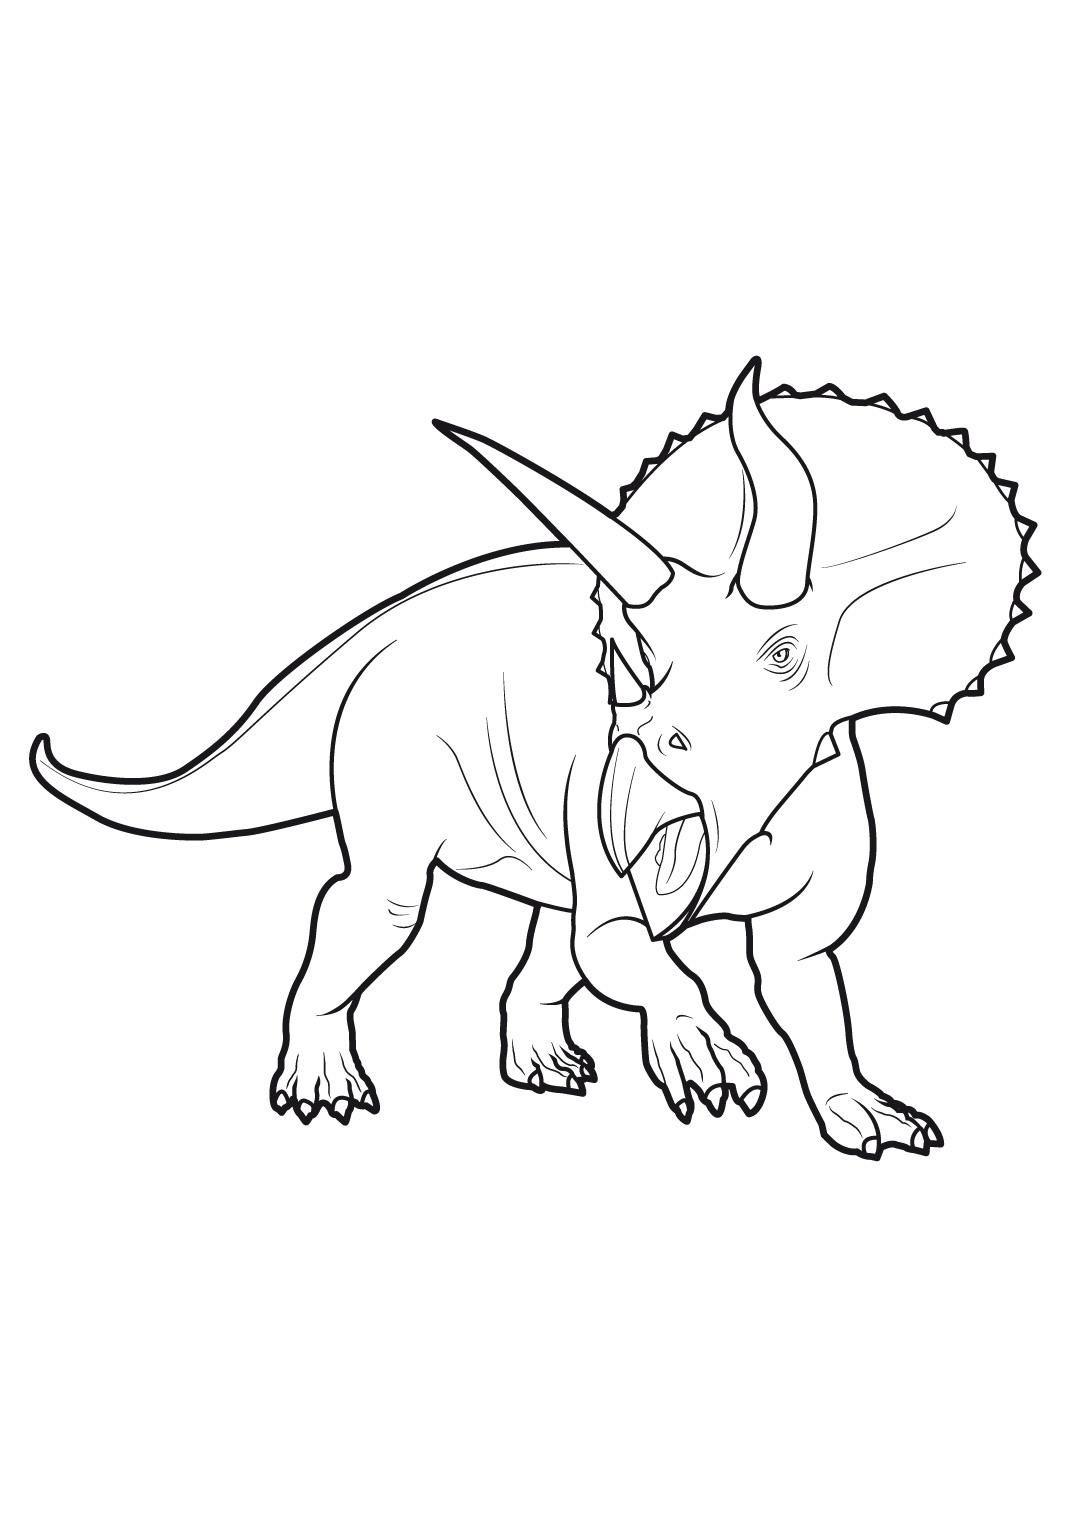 Coloriage De Dinosaure King A Colorier 1001 Animaux 70 90